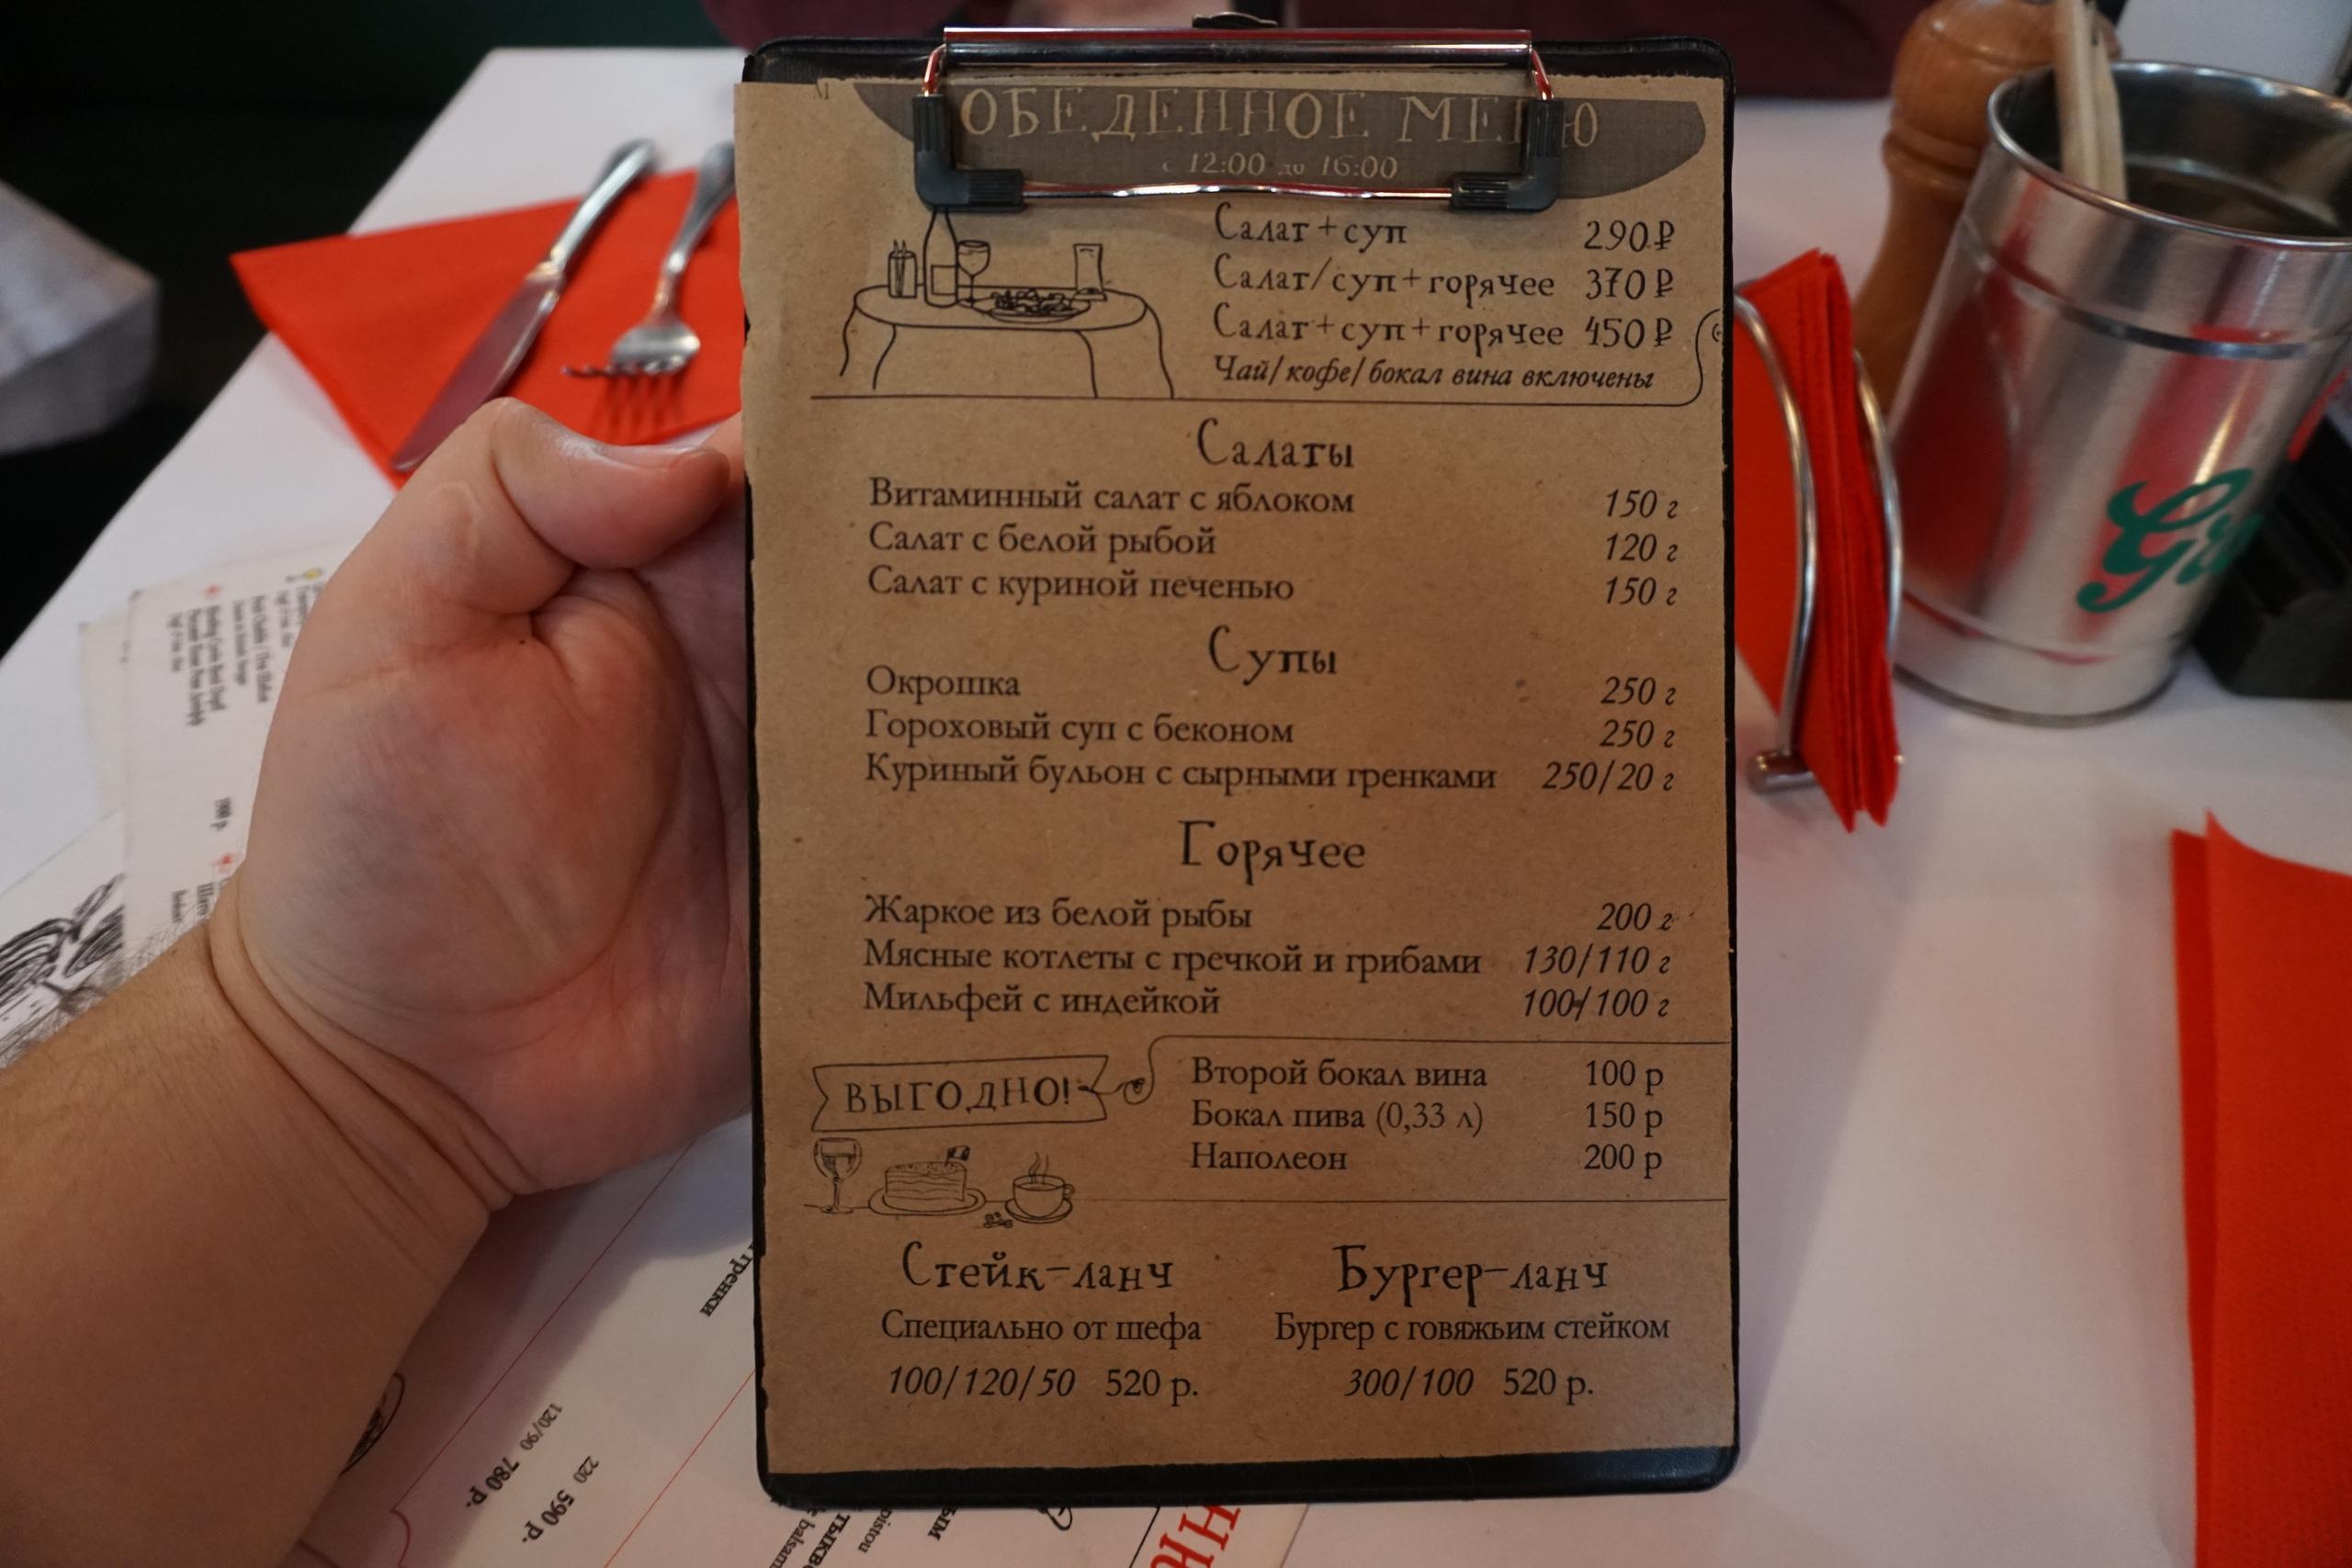 Обзор бизнес-ланчей в Жан-Жаке. Стало только хуже балла, рублей, только, Салат, стоят, блюда, обеды, Время, волос, месте, Официанты, общем, белой, таком, рыбой, ланчи, Окрошка, Обеды, ЖанЖак, обзор